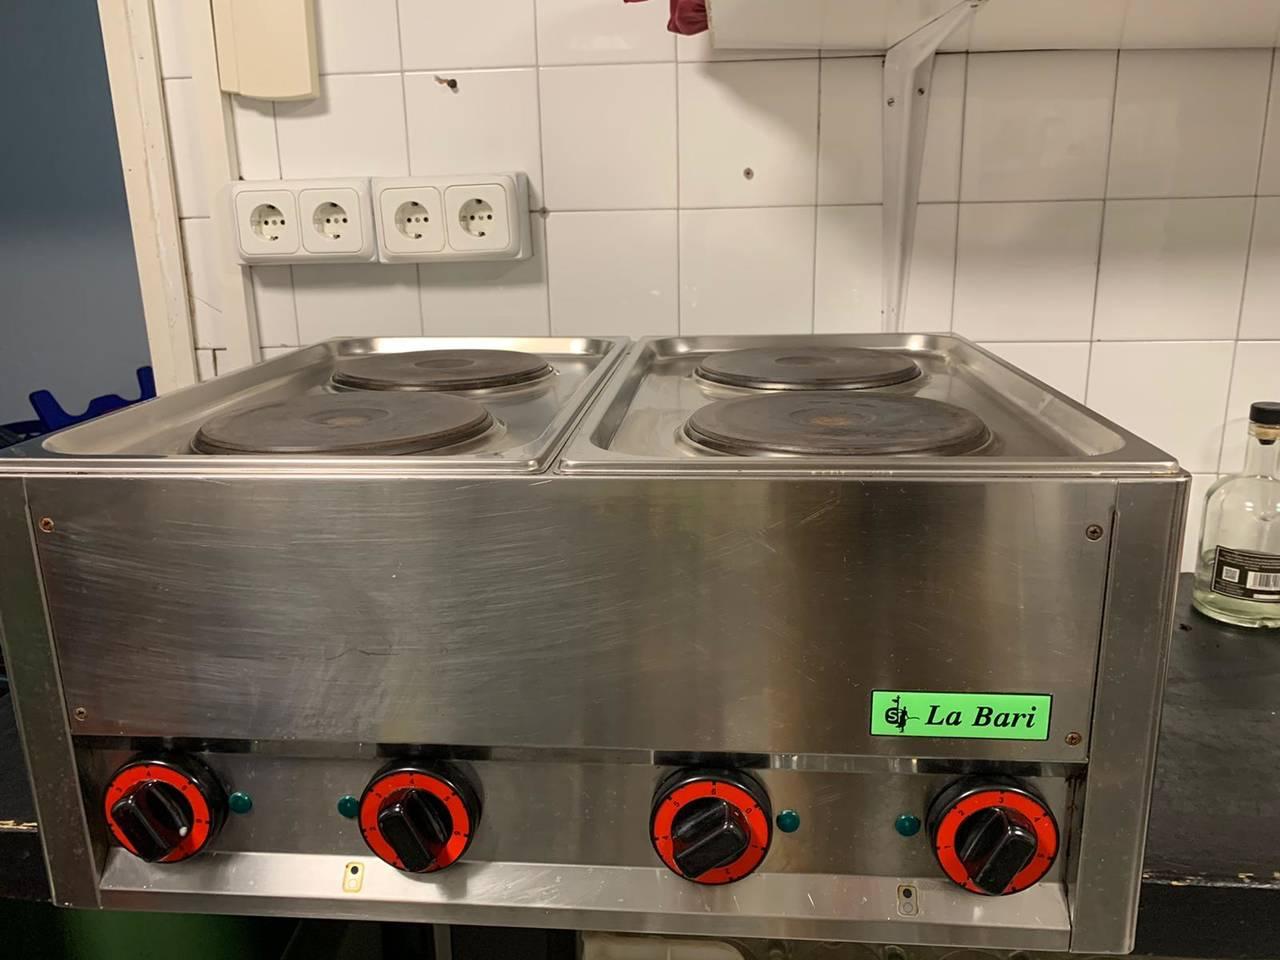 HORNILLO ELECTRICO 4 PLACAS REDONDAS  - Foto 2